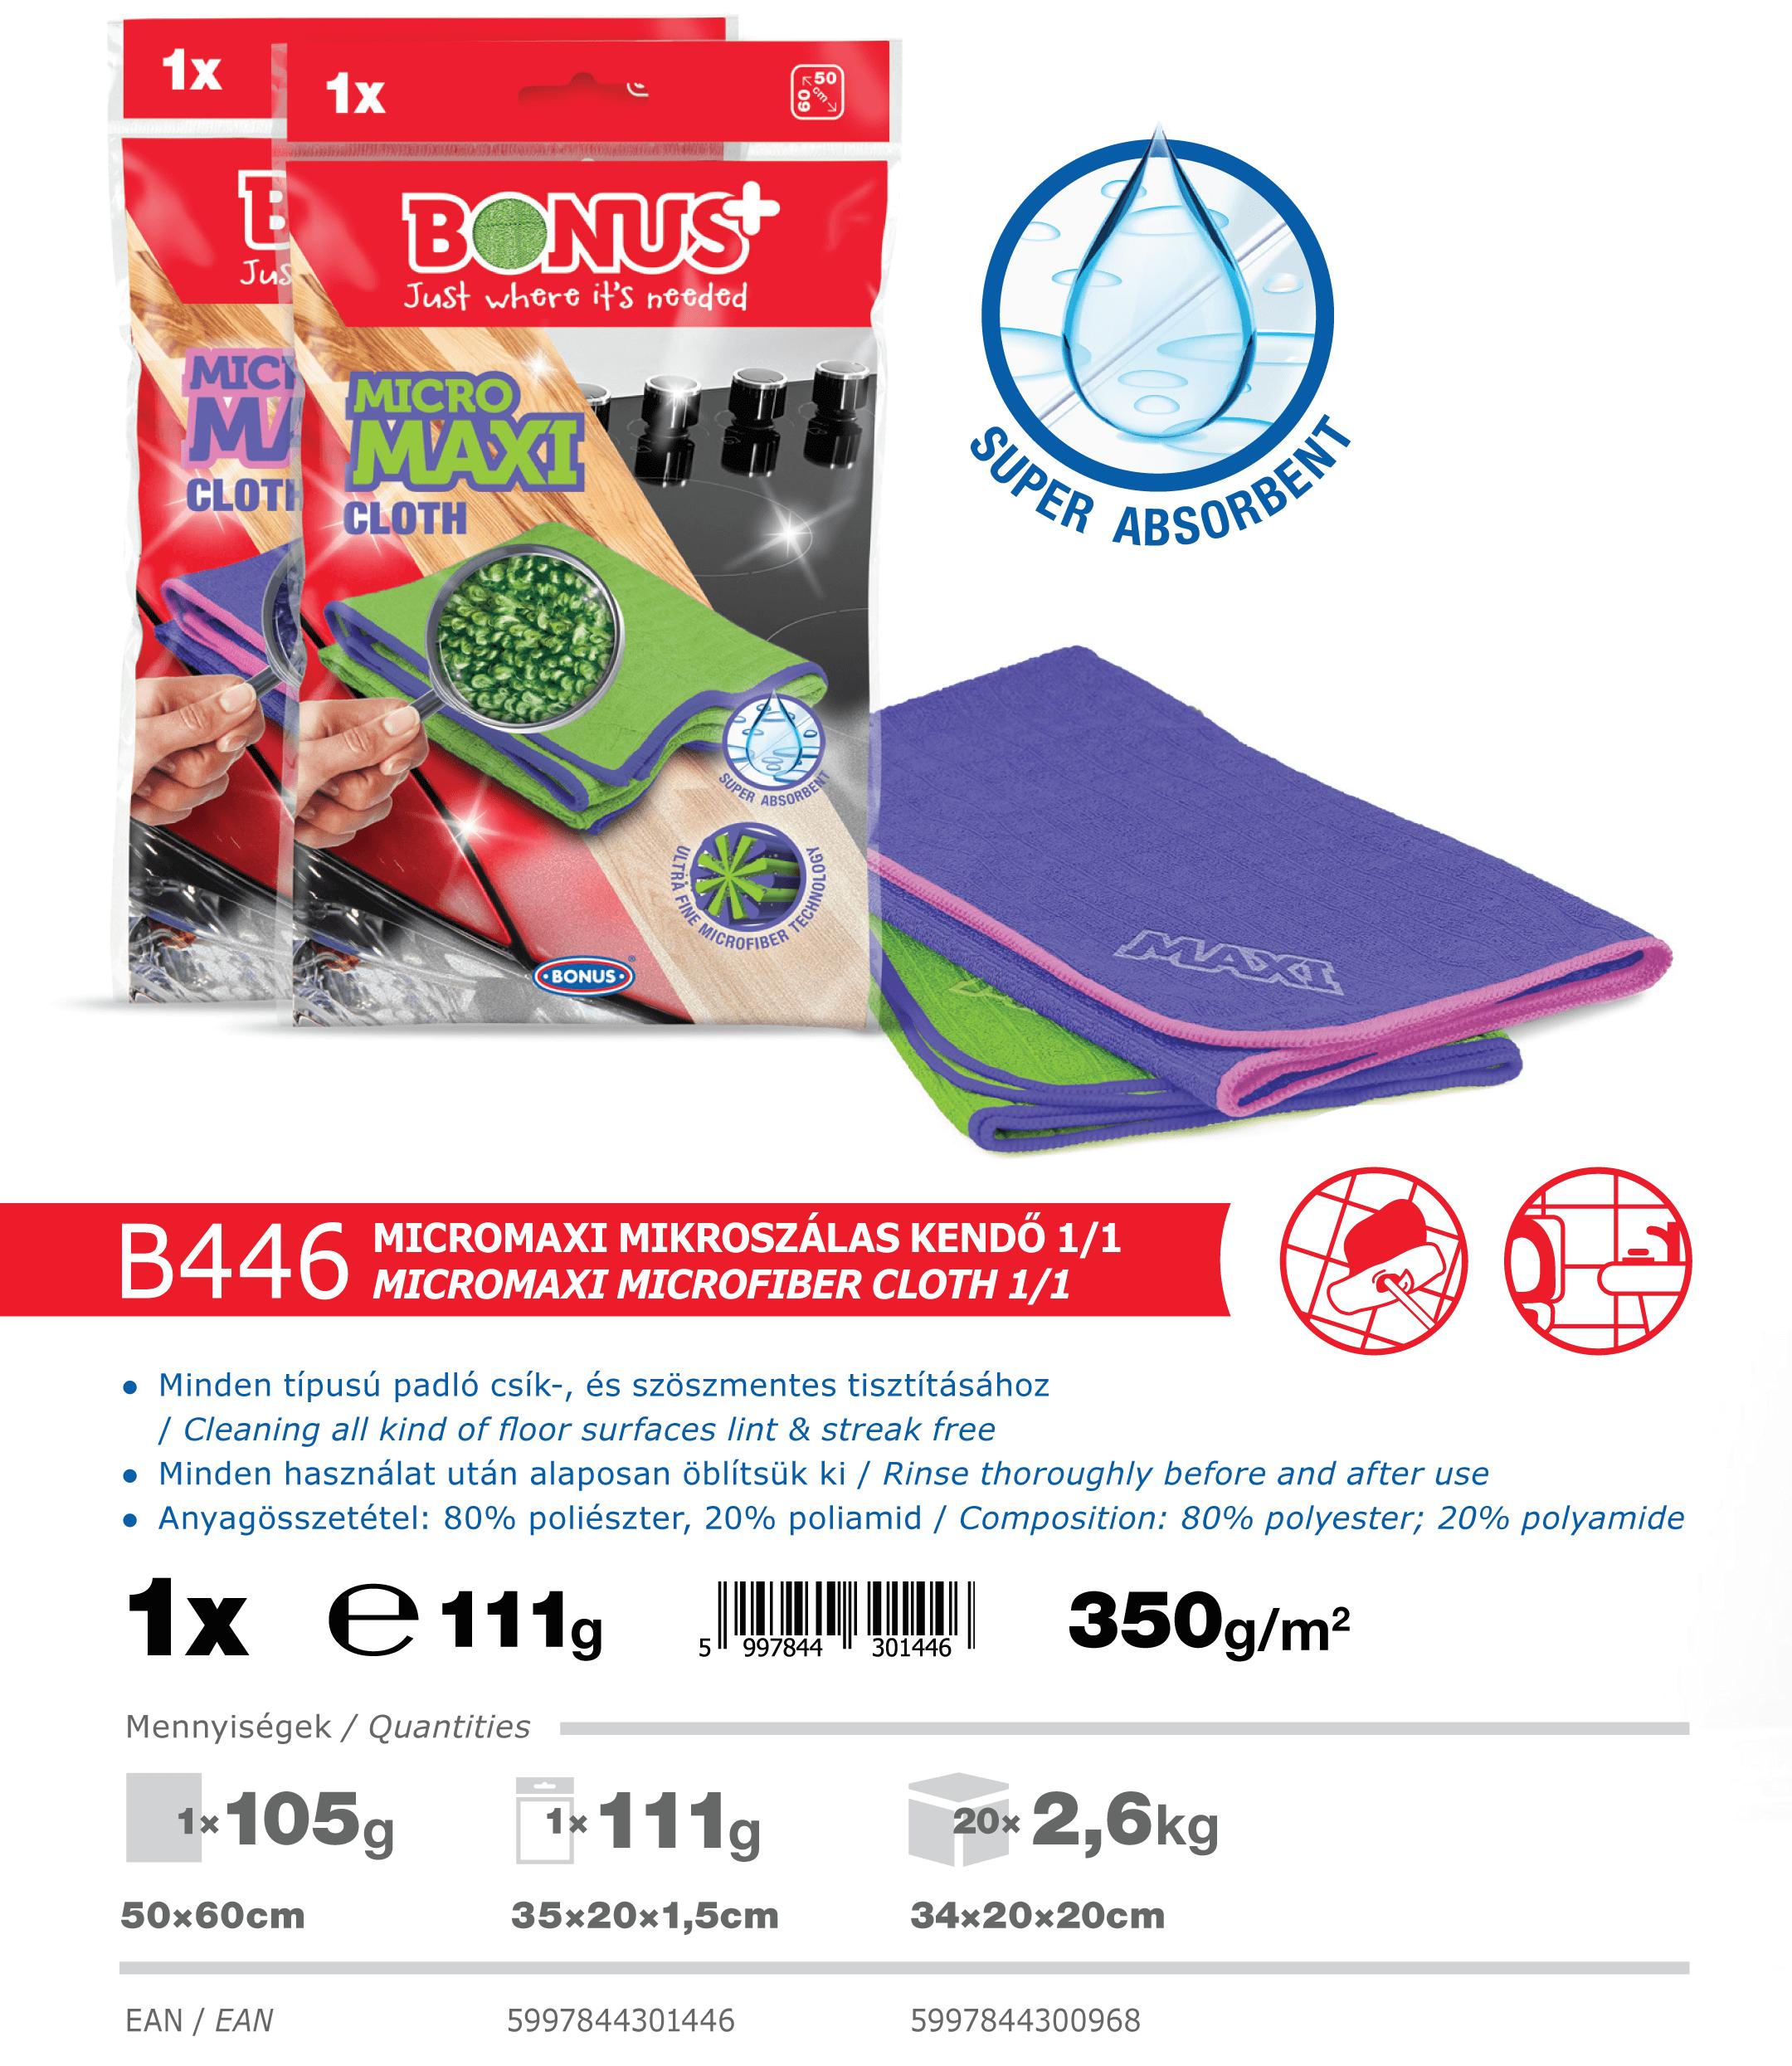 B446 Bonus+ MicroMAXI mikroszálas kendő katalógus adatok